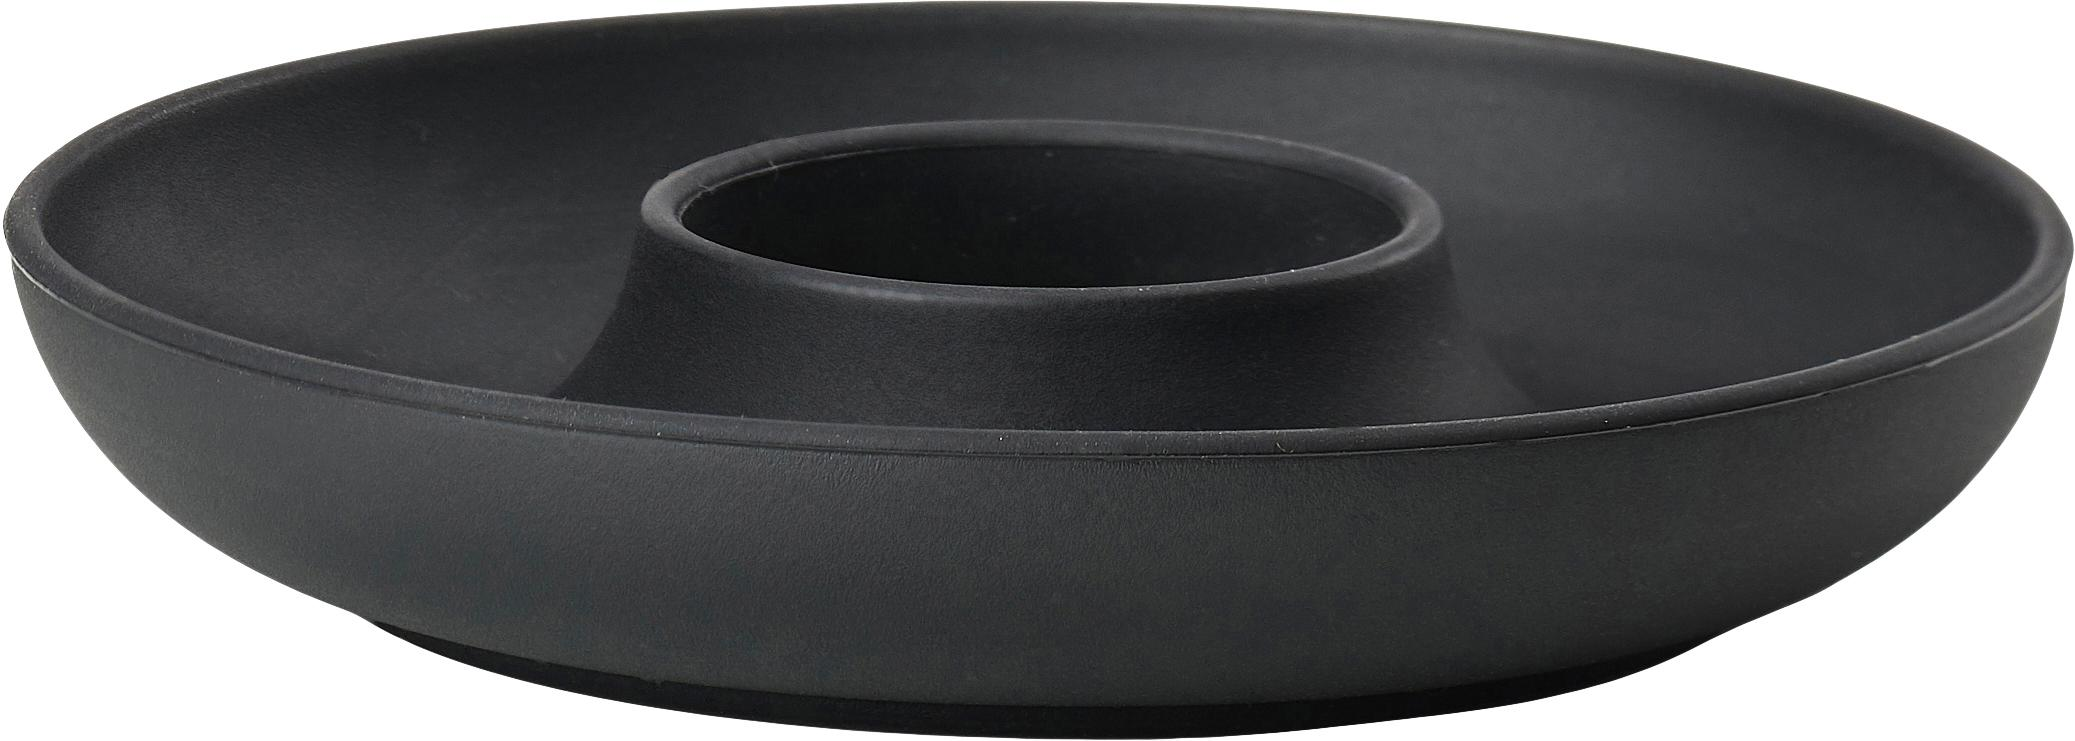 Eierdopje Henk, 4 stuks, Silicone, gecoat metaal, Zwart, Ø 11 cm